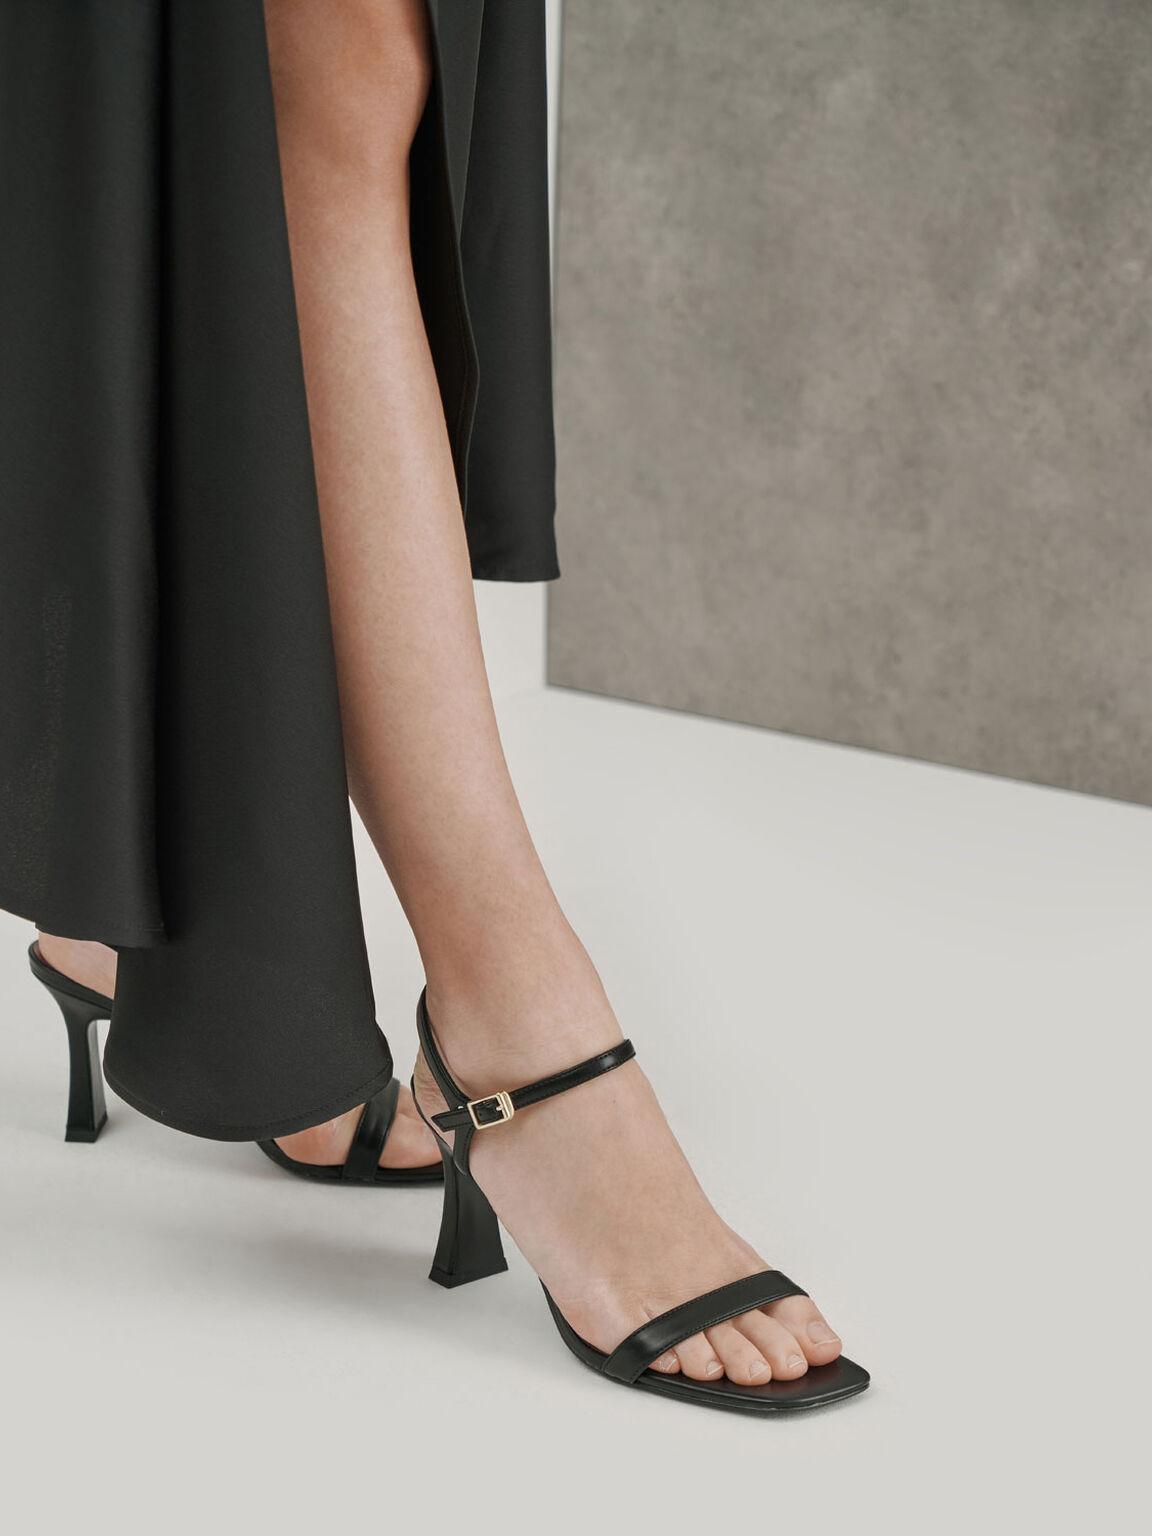 Sculptural Heel Sandals, Black, hi-res